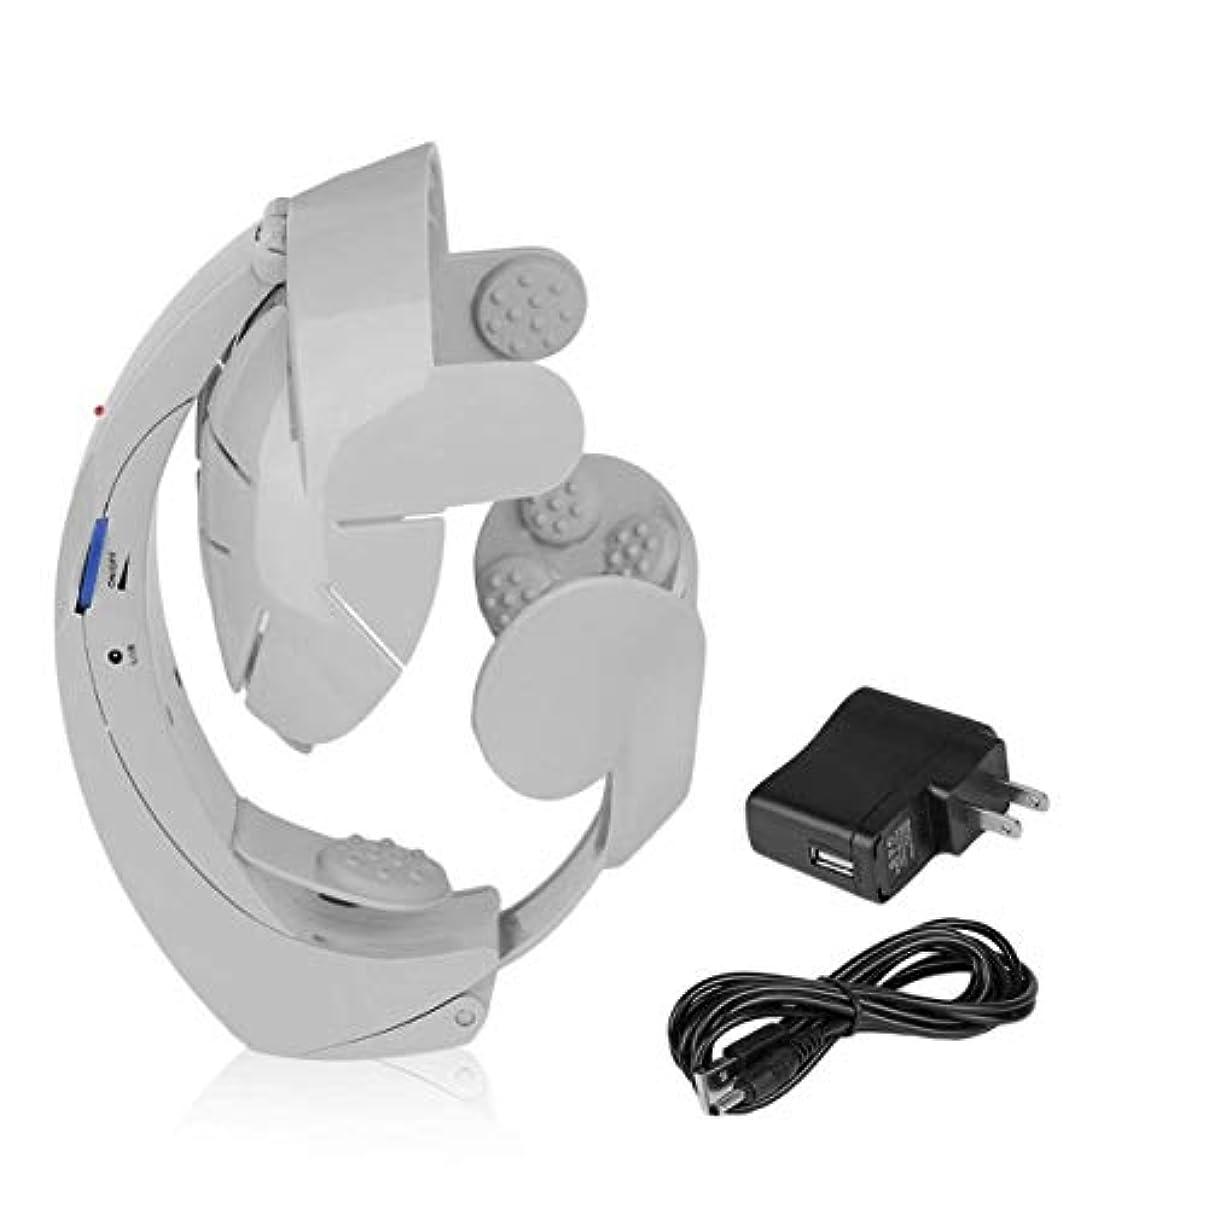 面白い拡大するドキドキヒューマノイドデザイン電動ヘッドマッサージ脳のマッサージリラックス簡単な鍼治療ファッションスタイルヘルスケアサプライ